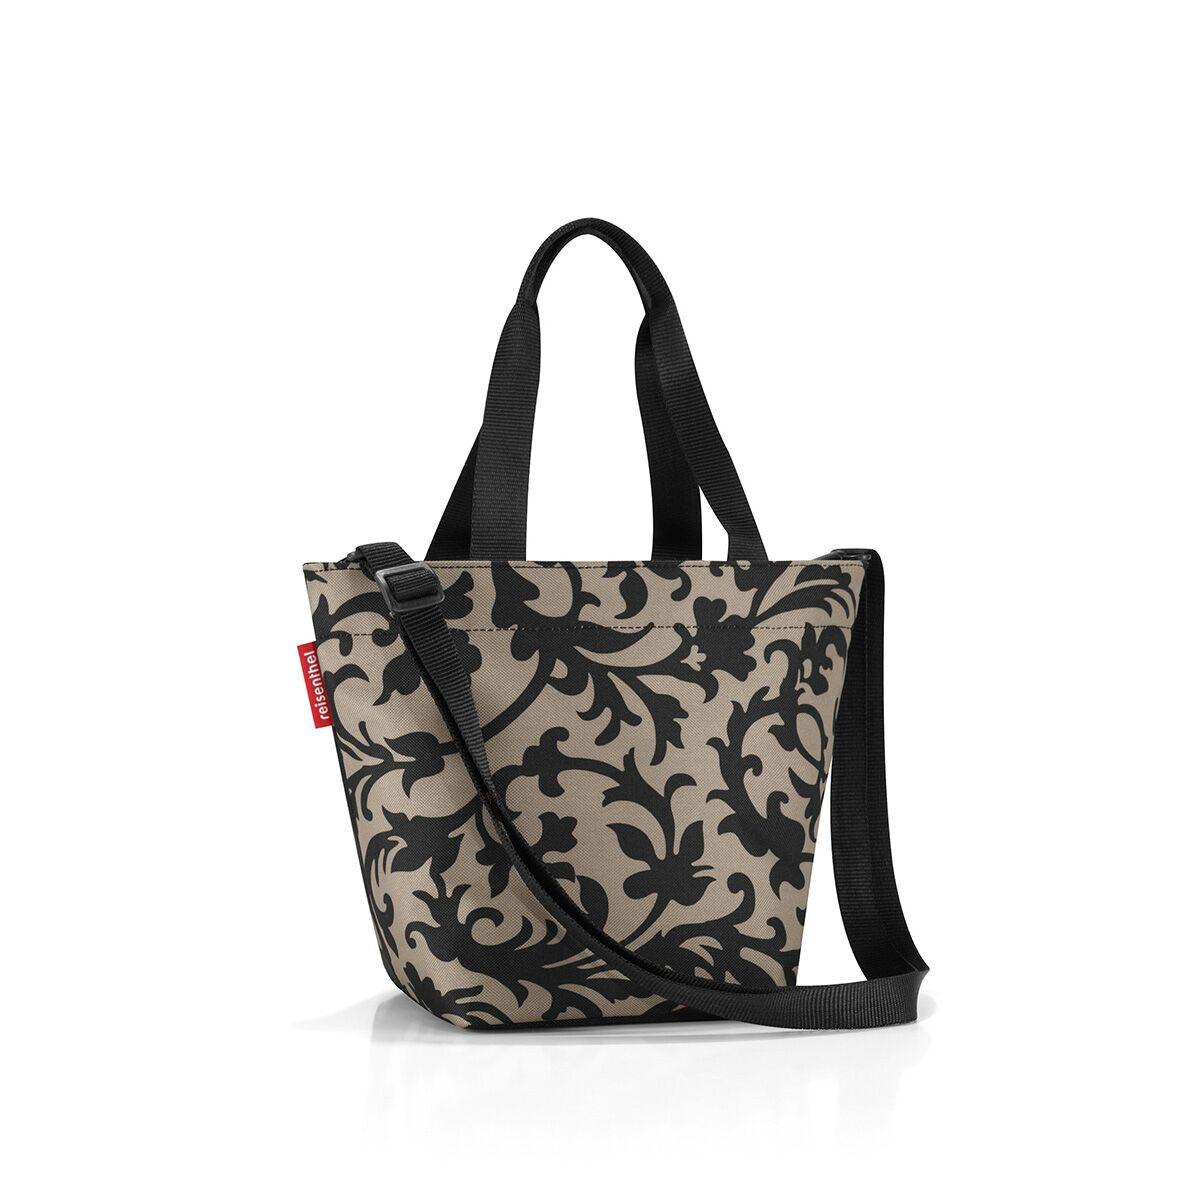 Сумка-шоппер жен. Reisenthel, цвет: бежевый. ZR7027ZR7027Уменьшенная версия классической сумки. Симпатичная сумка для похода в магазин: широкие удобные лямки распряделяют нагрузку на плече, а объем 4 литра позволяет вместить необходимый батон хлеба, пакет молока и другие вкусности. Застегивается на молнию. Внутри - кармашек на молнии для мелочей. Две ручки плюс ремешок с регулируемой длиной. Специальное уплотненное днище для стабильности. Серия special edition - это лимитированные модели сумок с уникальными принтами. Сочетают расцветки разных коллекций, а также имеют вышивку и аппликацию.